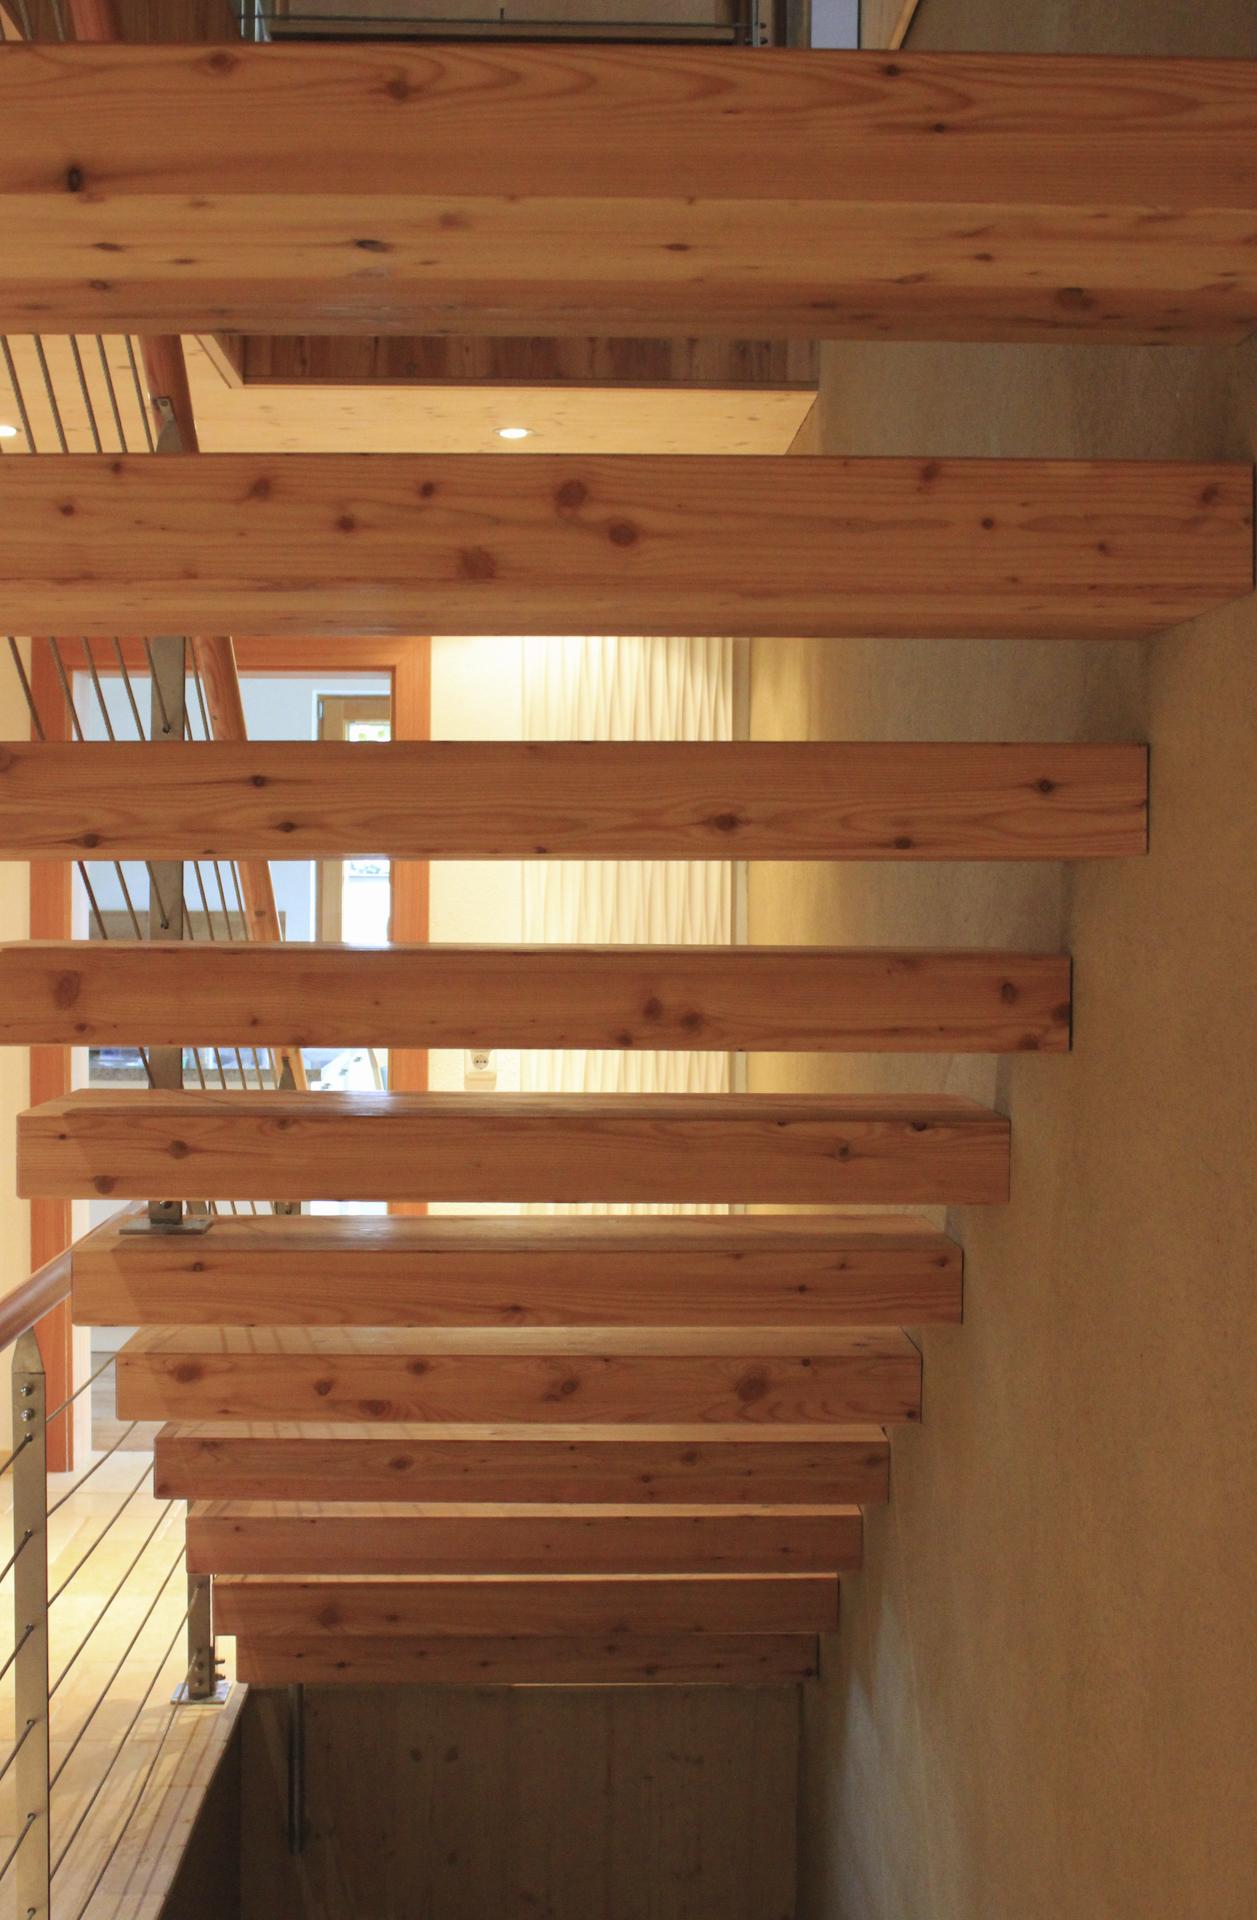 tischlerei-decker-wohnhaus-hofpgarten-interior-treppe